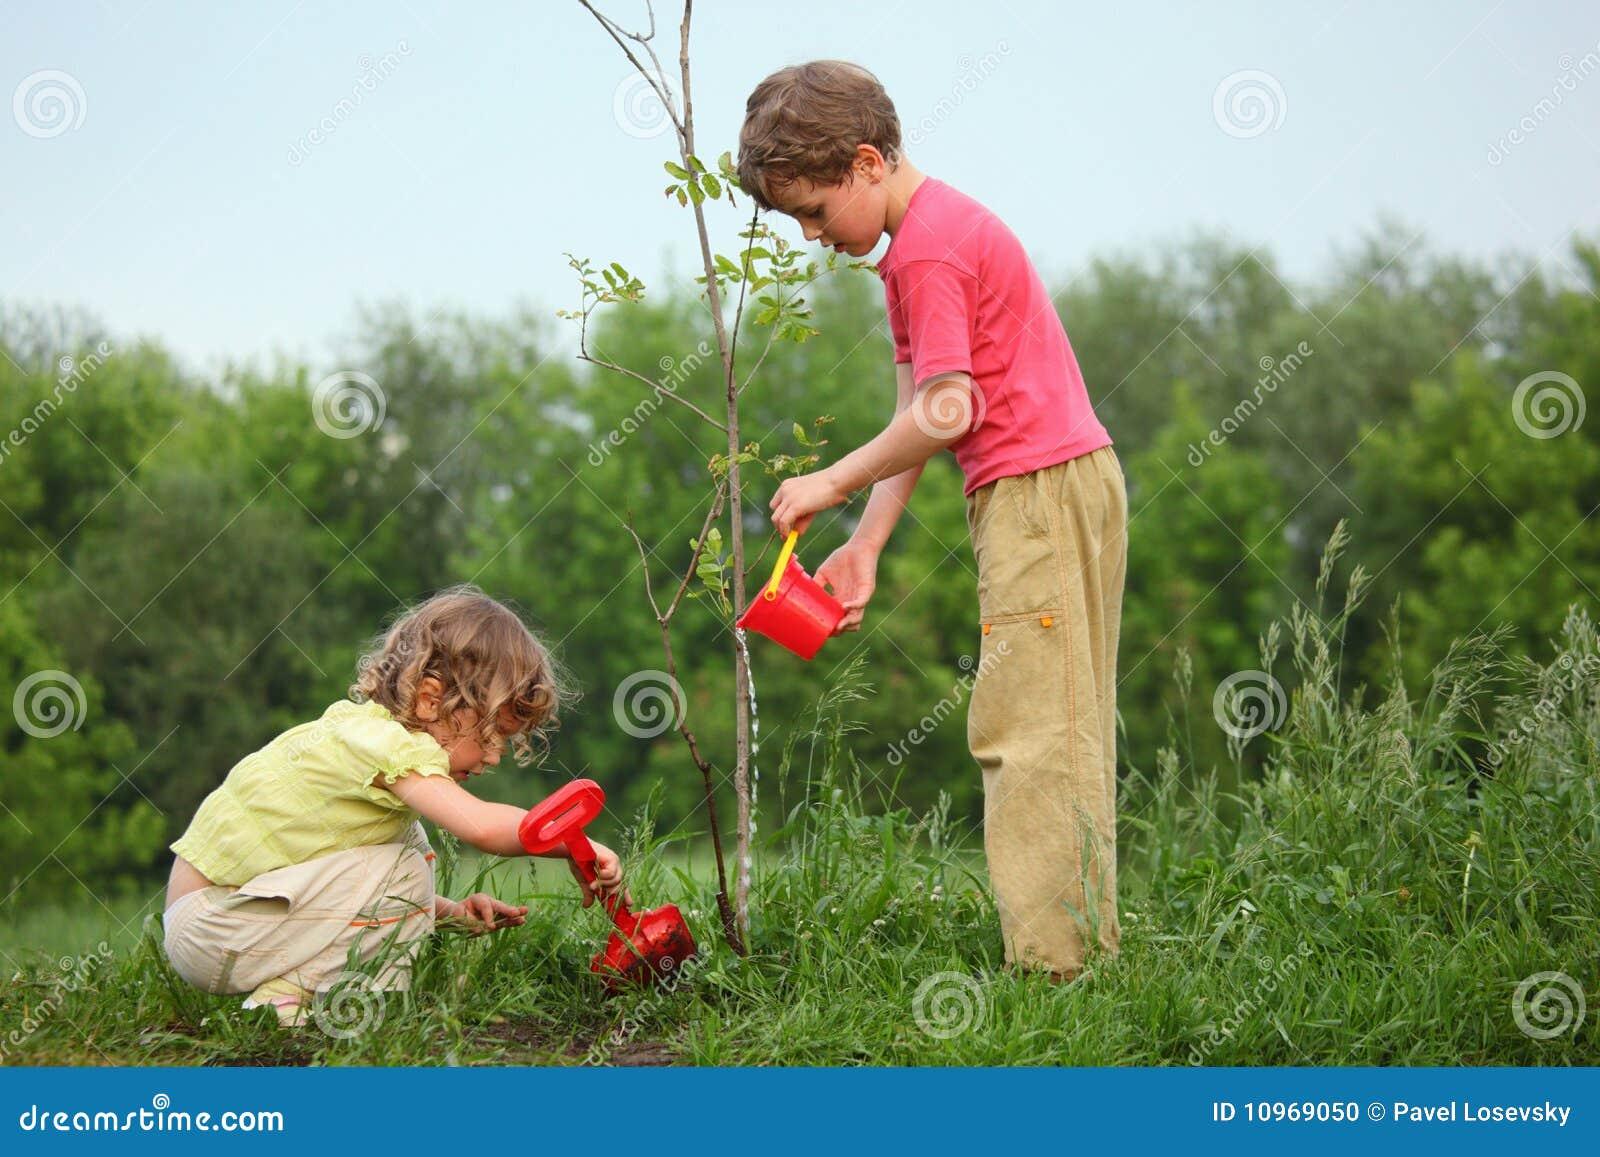 Kinder pflanzen den Baum